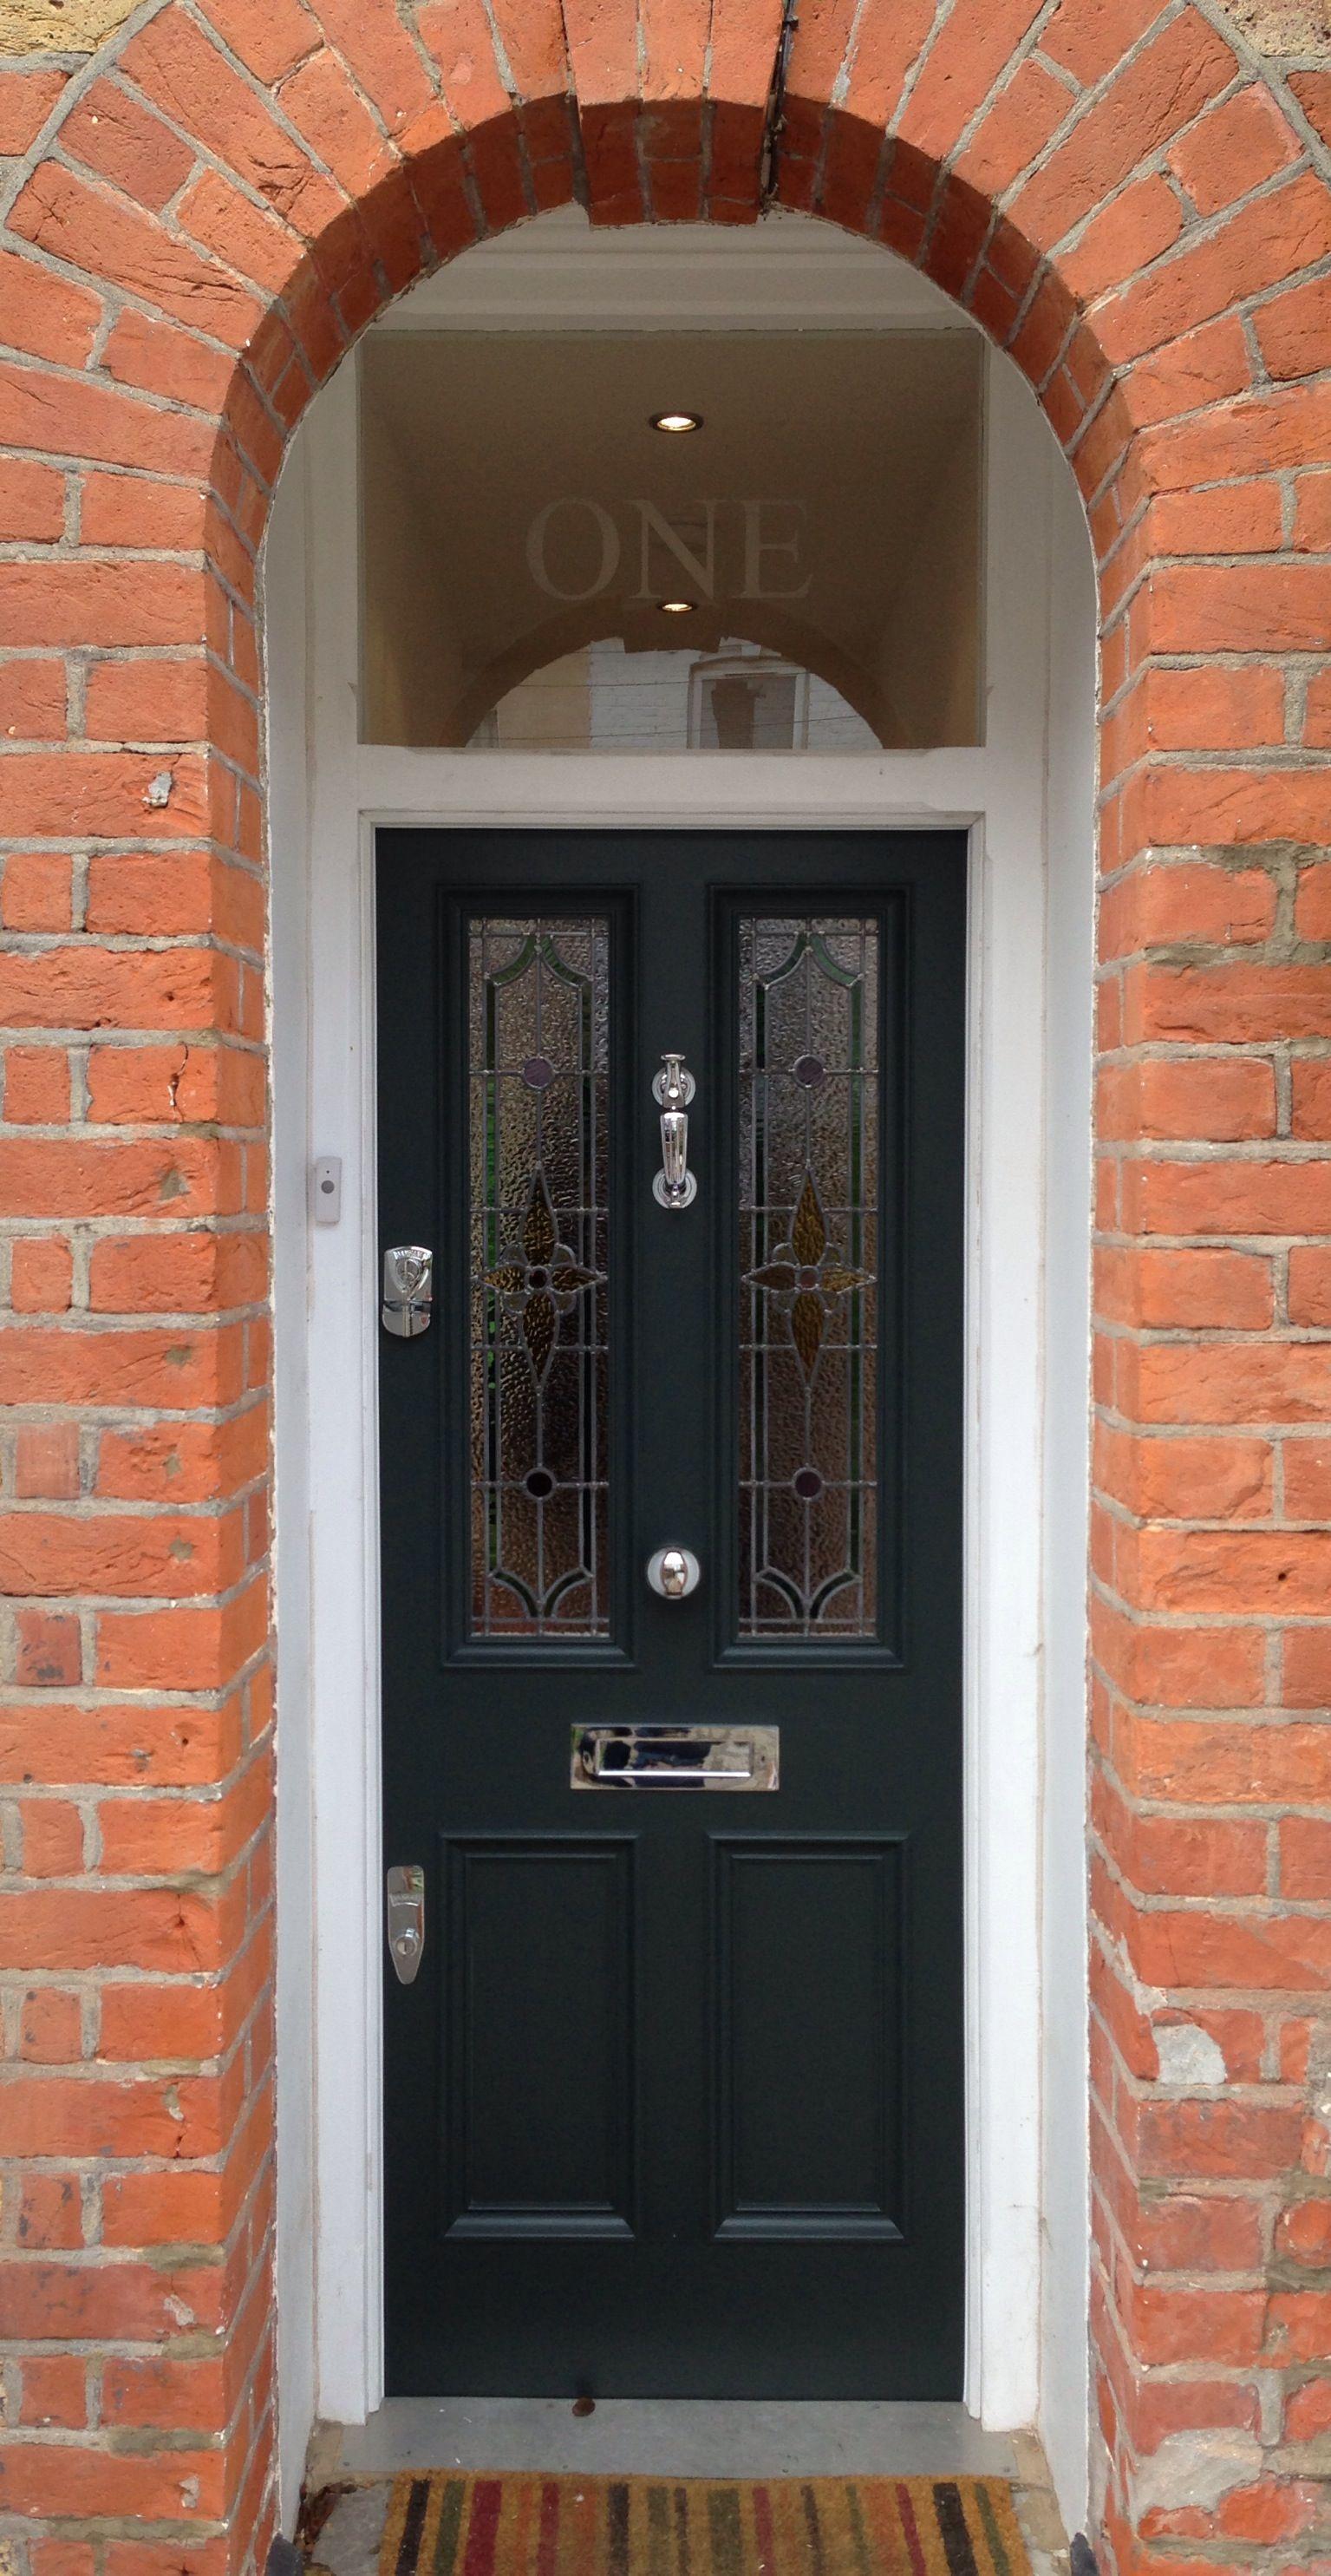 Superb Black Exterior Door 8 Black Front Door Home Depot: A Pleasant Victorian Front Door With Leaded Light In